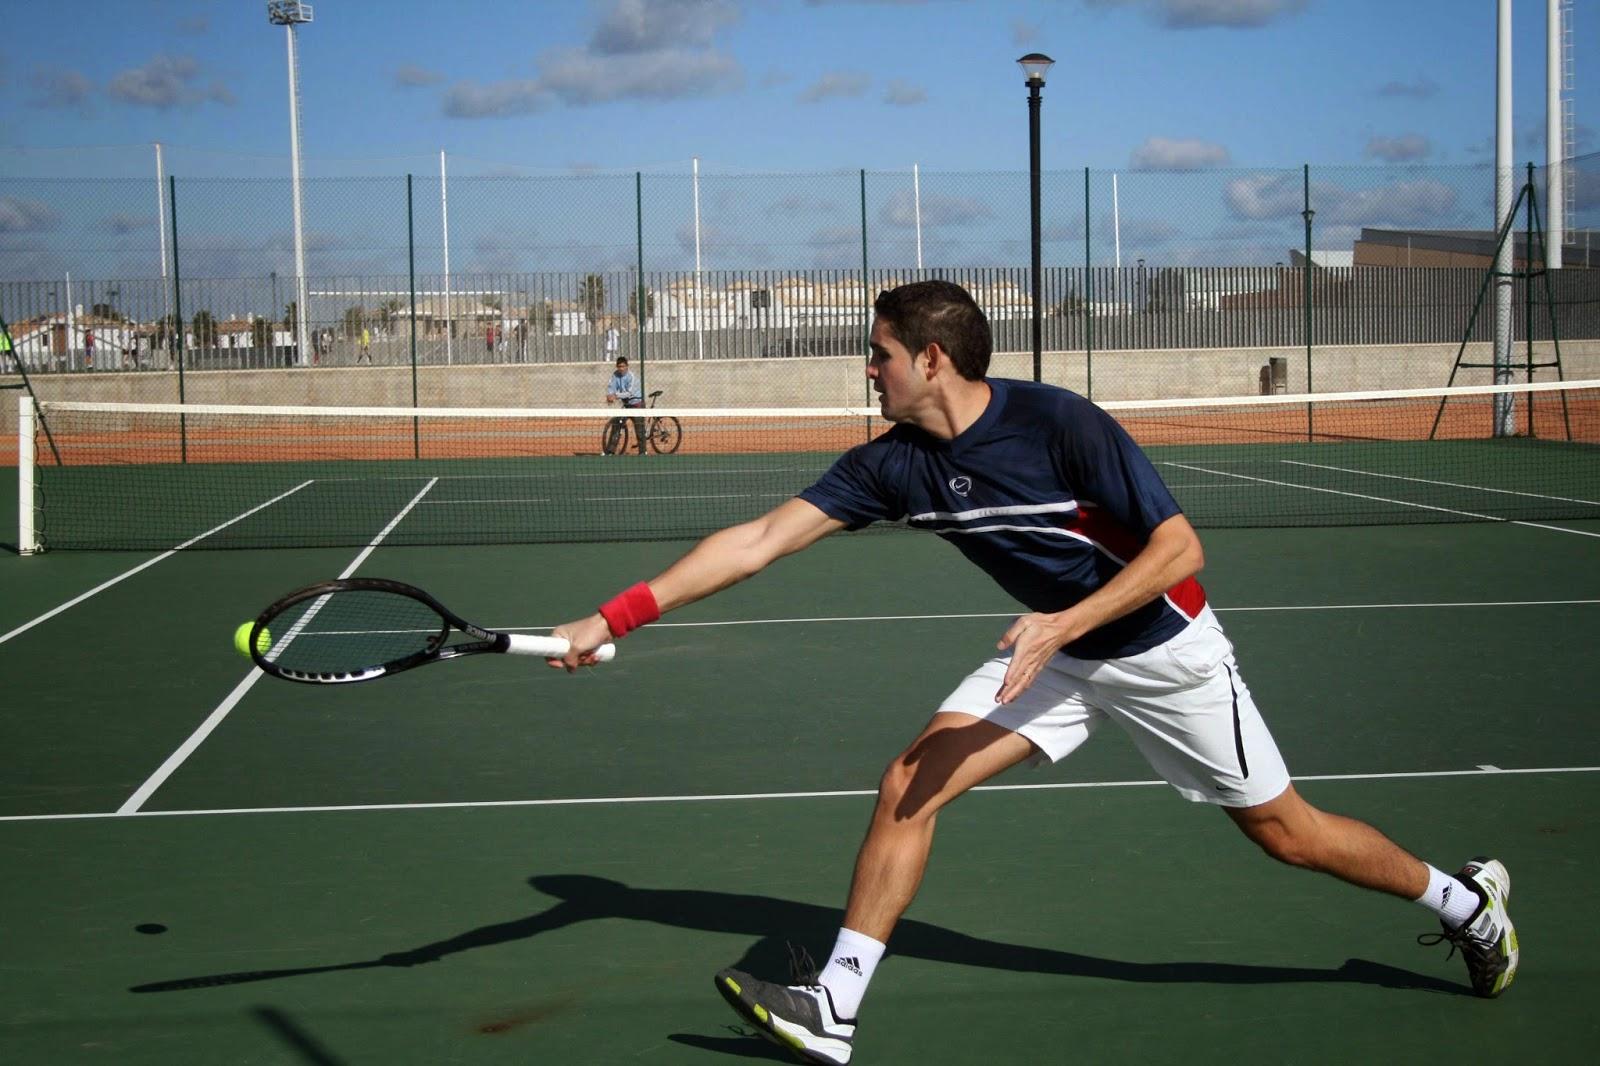 El tenis como ejercicio aeróbico además de un deporte divertido